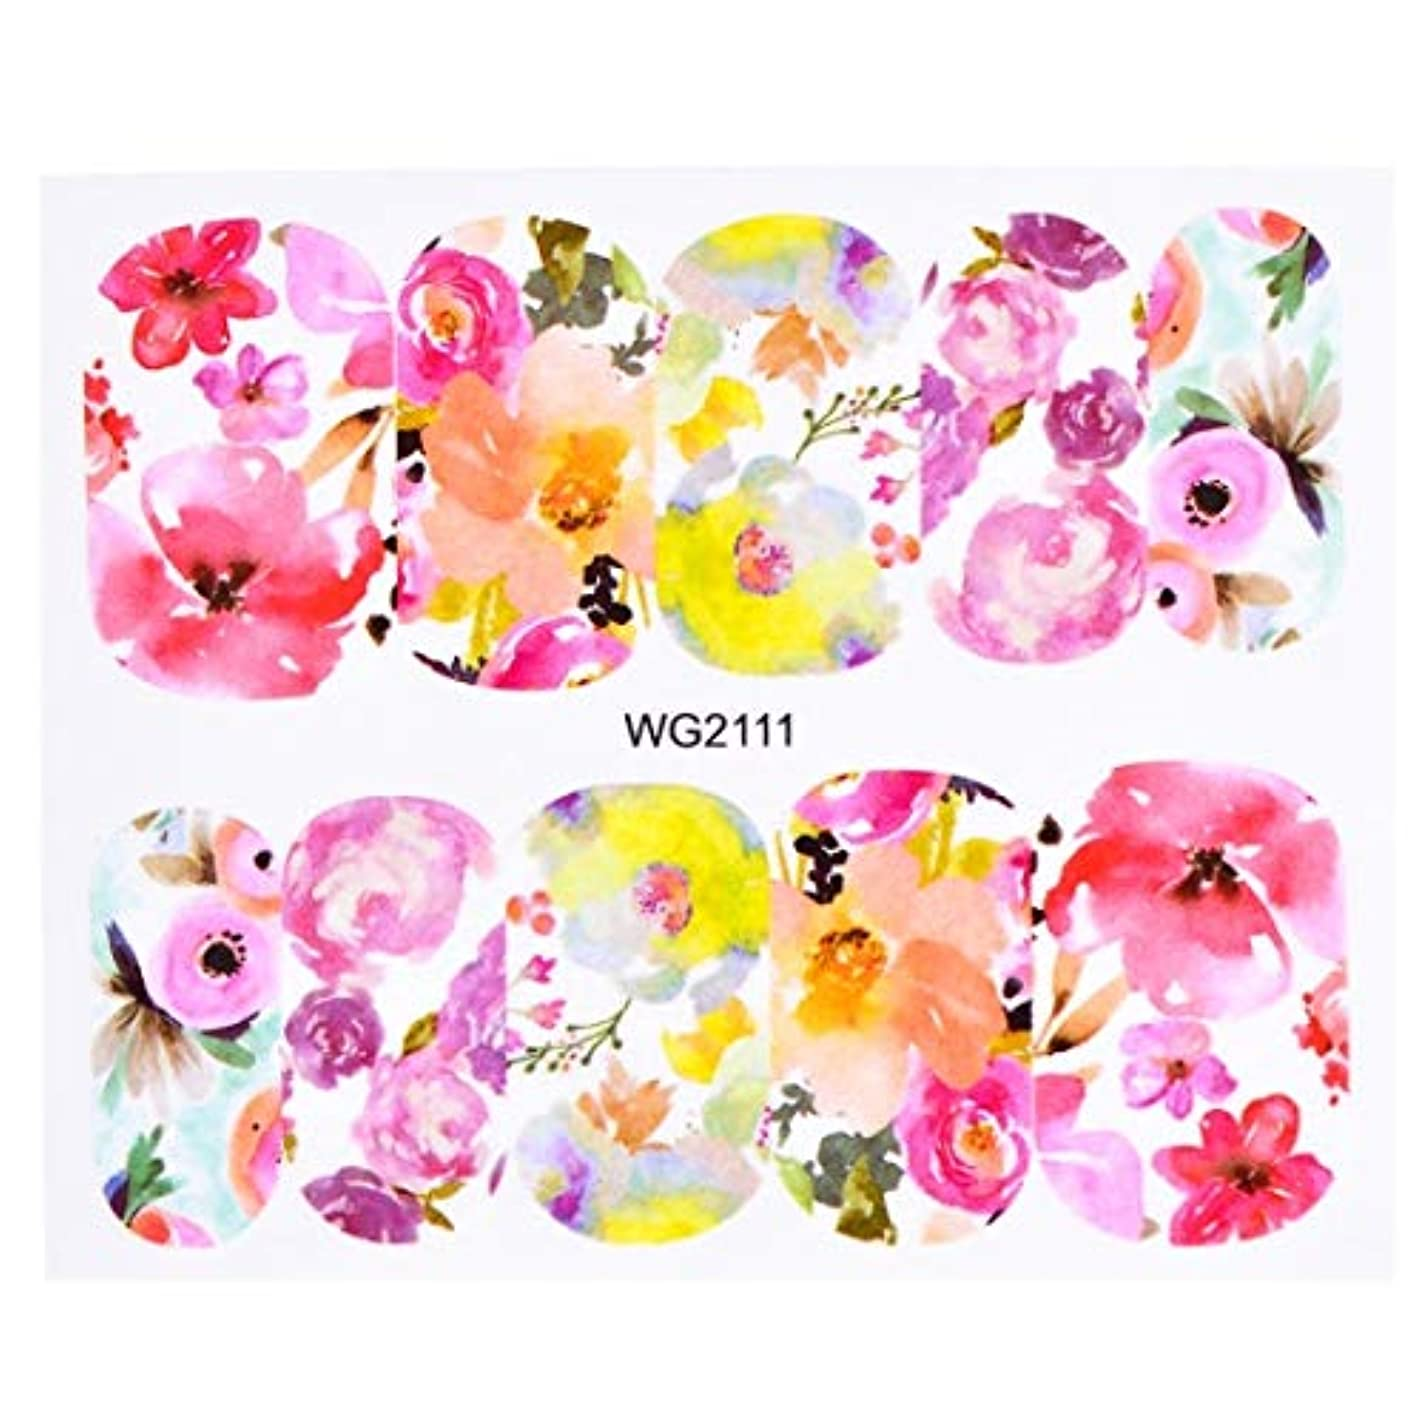 予備幻想的最後のビューティー&パーソナルケア 10個入りフラワーネイルアートデカール(WG2111) ステッカー&デカール (色 : WG2111)